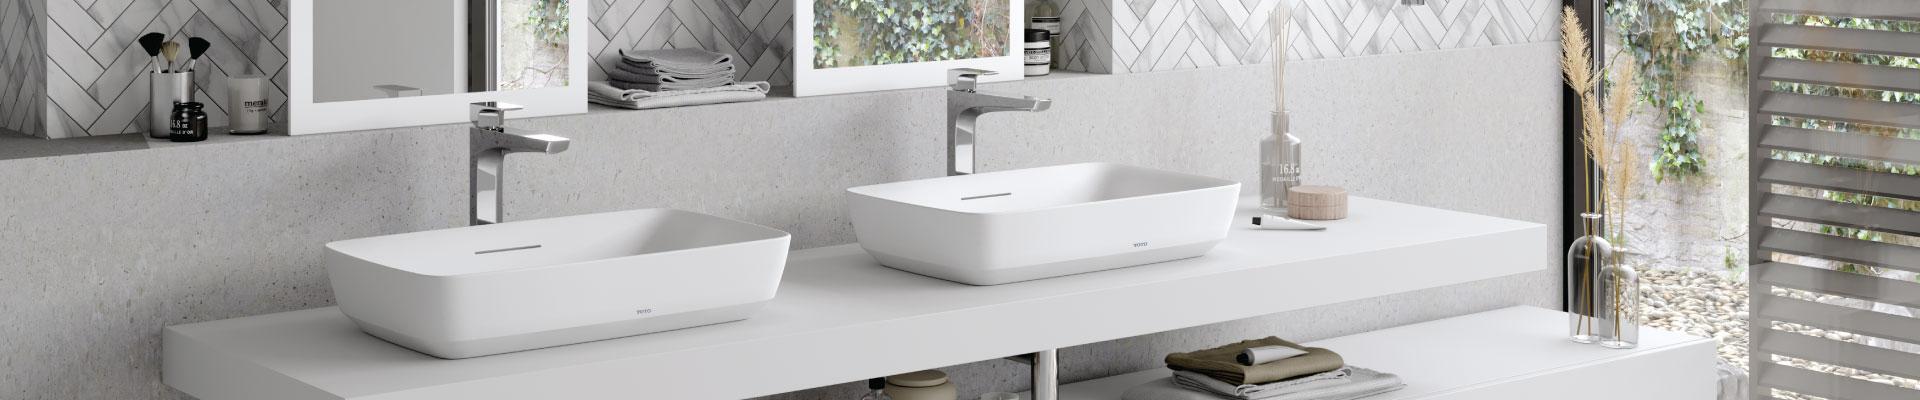 Semi recessed lavatories